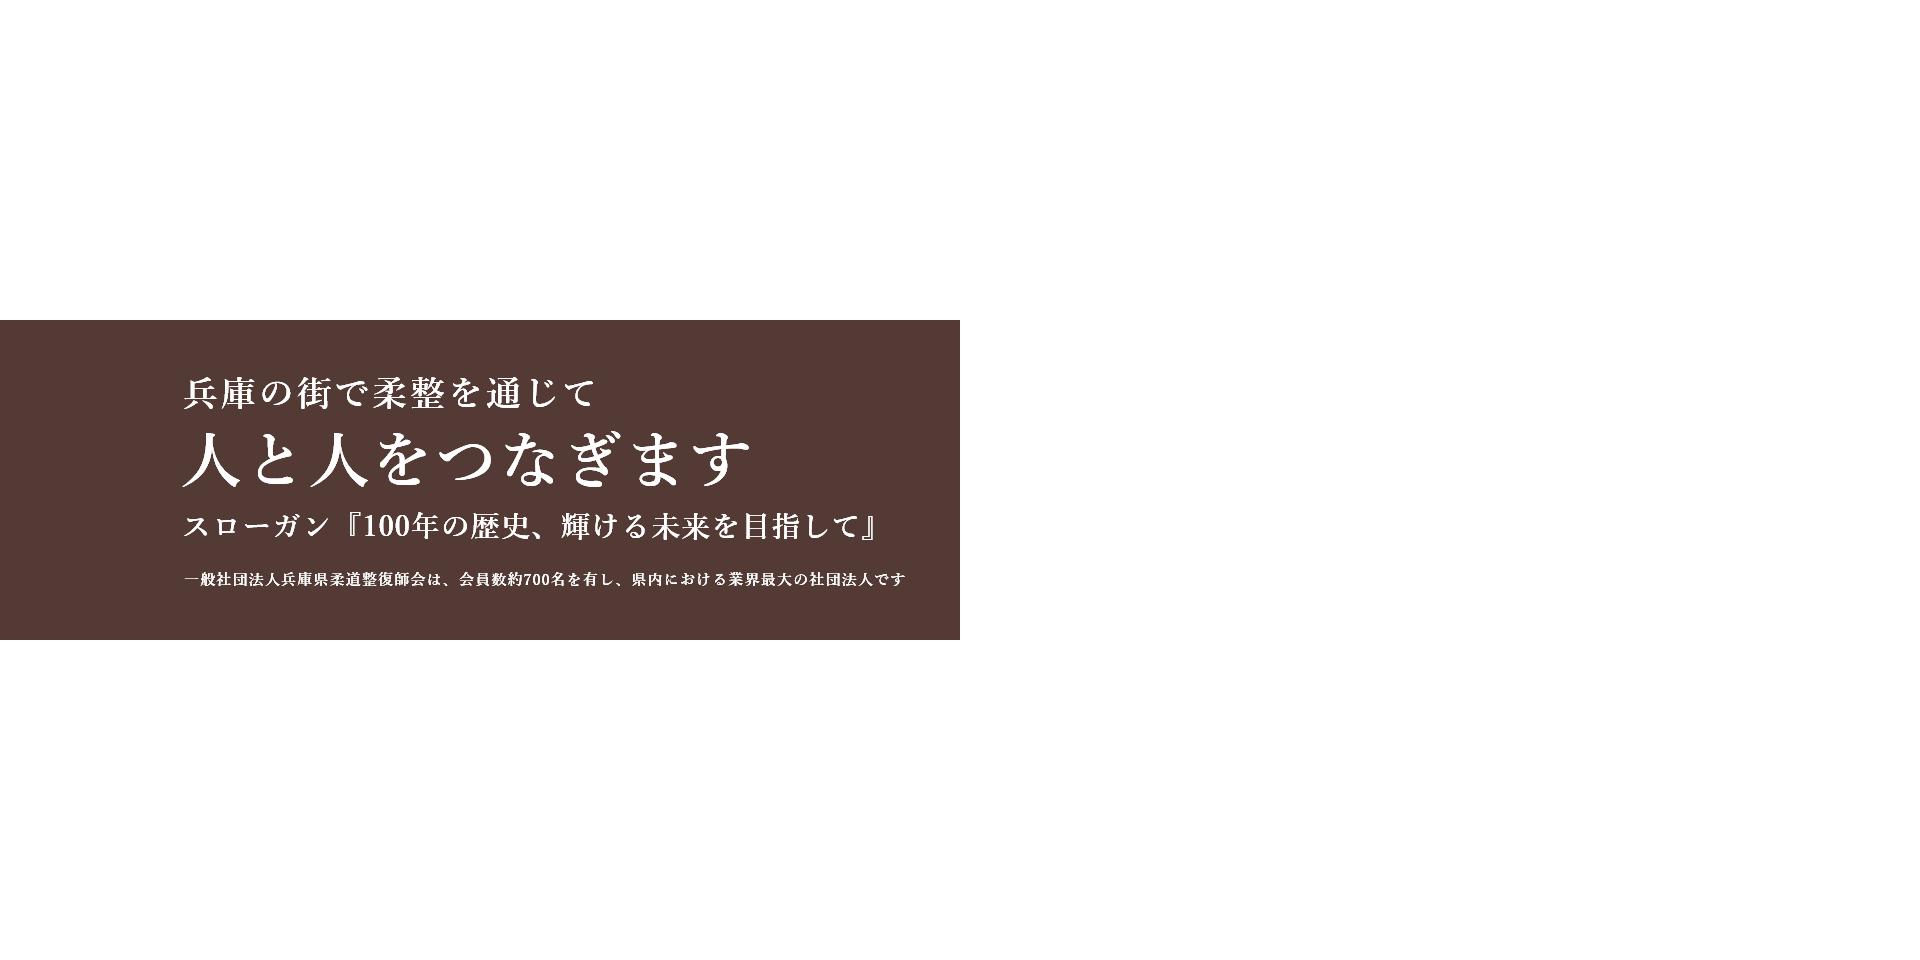 兵庫県内の柔道整復師唯一の公益社団法人 兵庫県柔道整復師会 信頼と安心、健康社会への貢献